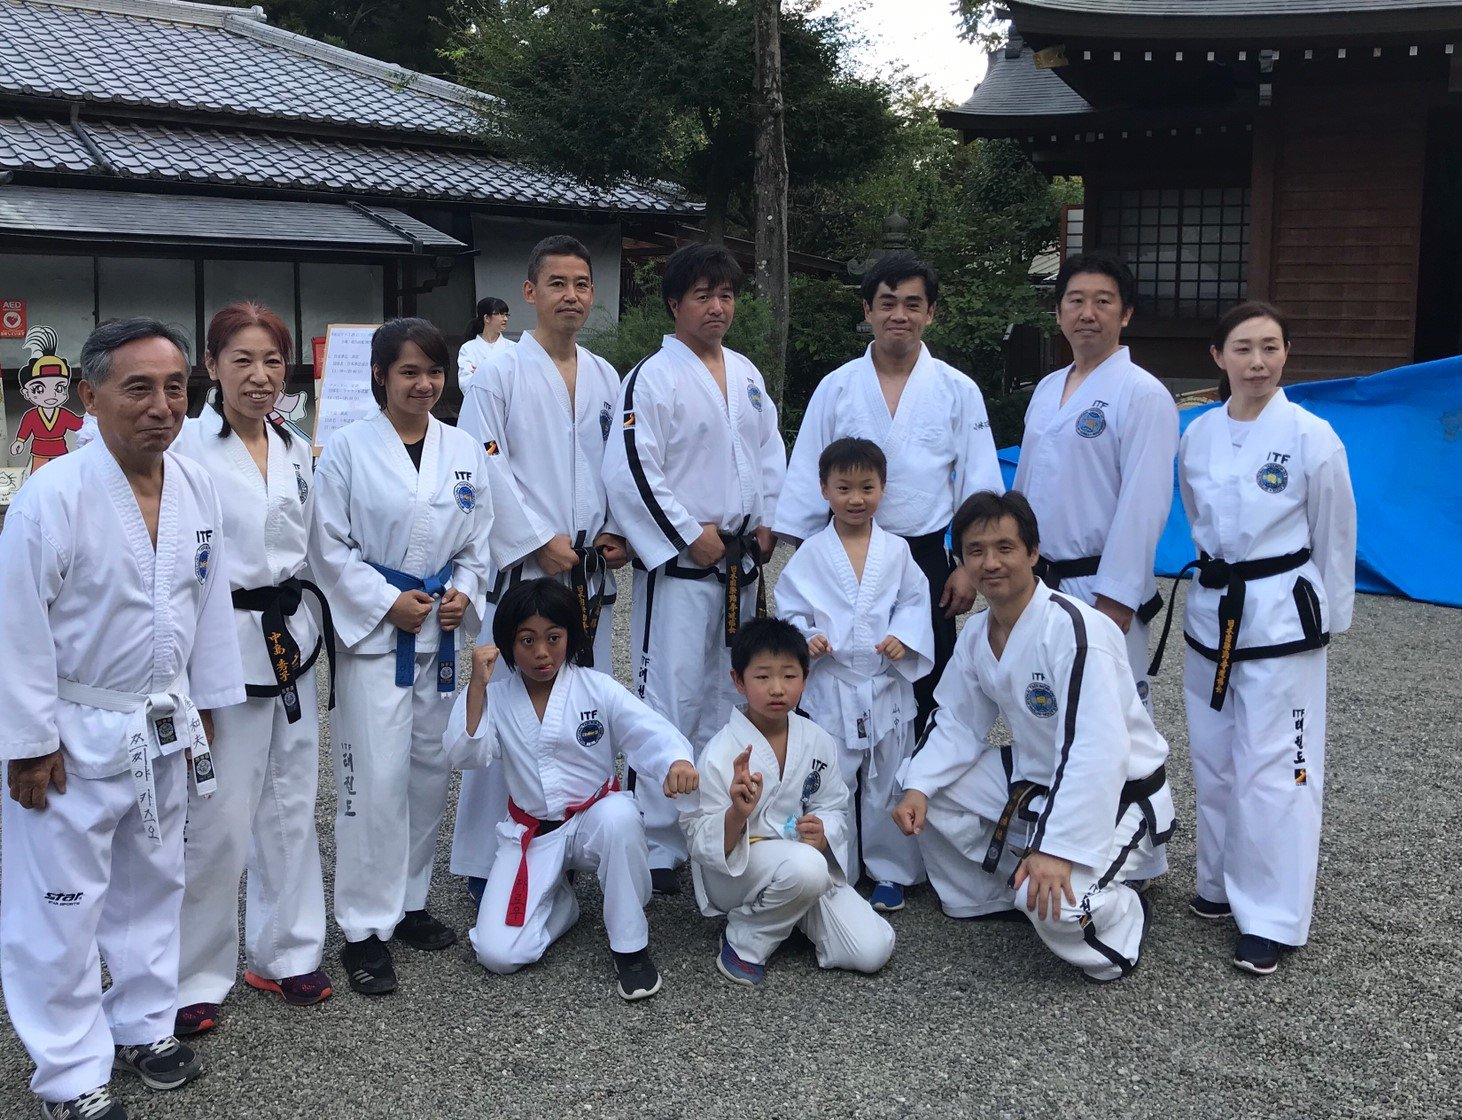 高麗神社 秋の武術演武会2019